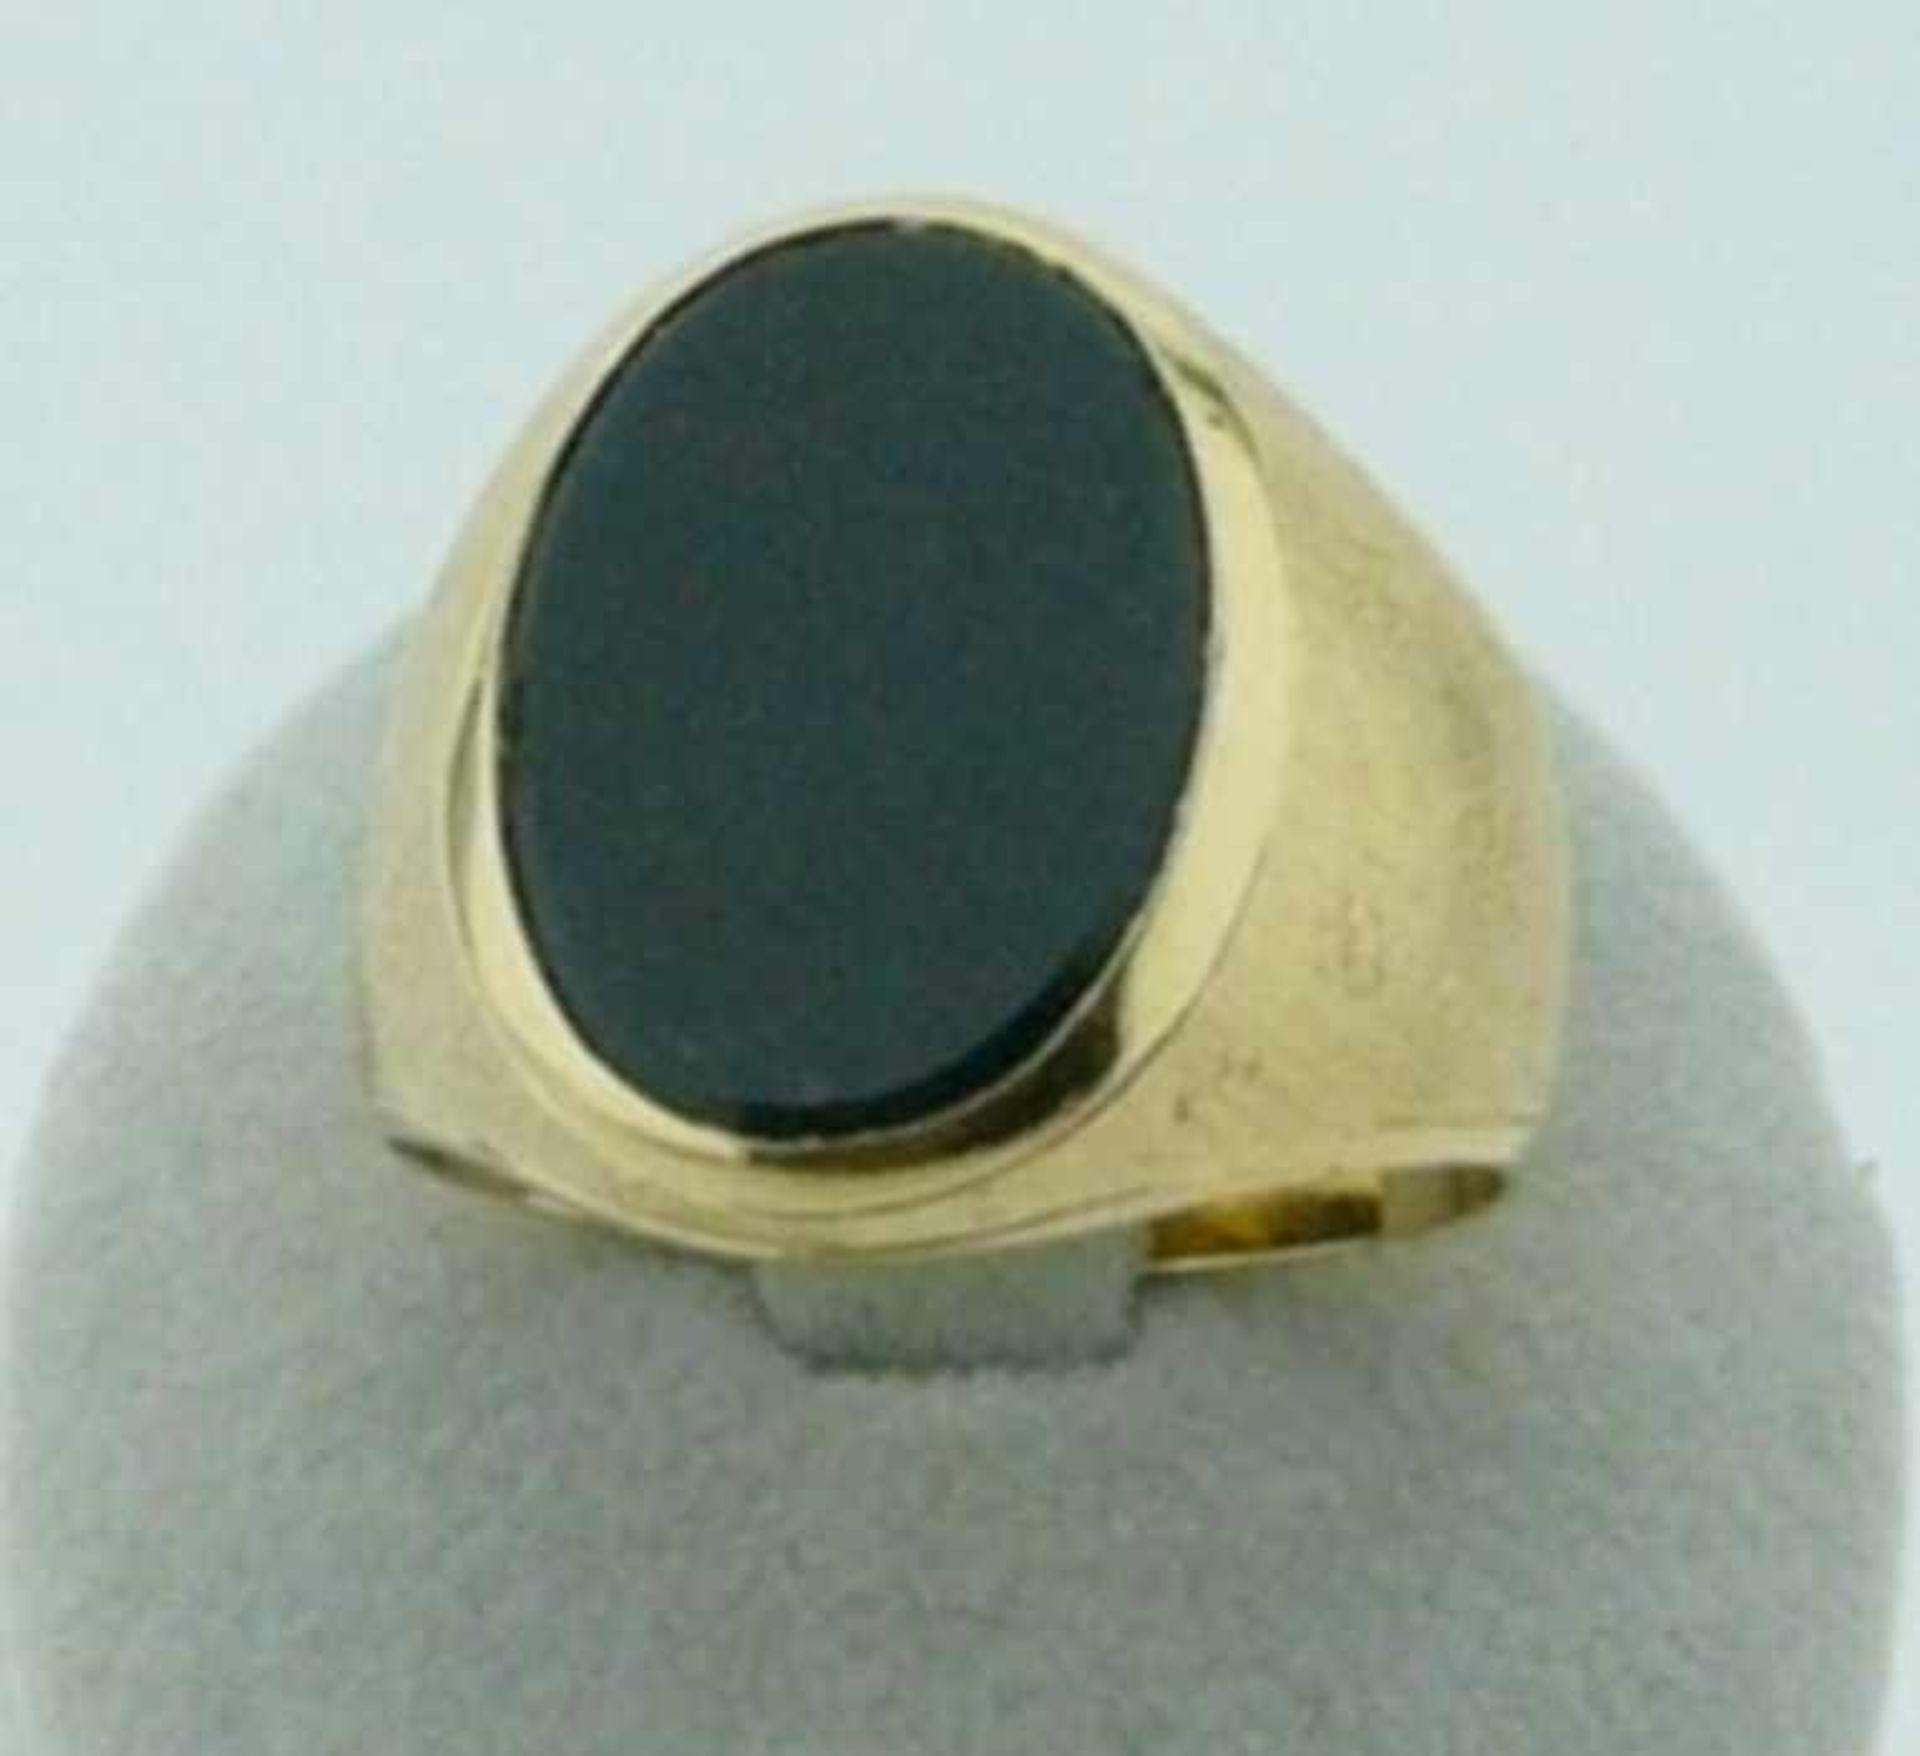 Herrenring Jaspis 750 Gold Jaspis Herrenring in 750 Gold, Jaspis ca. 13 X 18mm, Gewicht ca. 10,4g